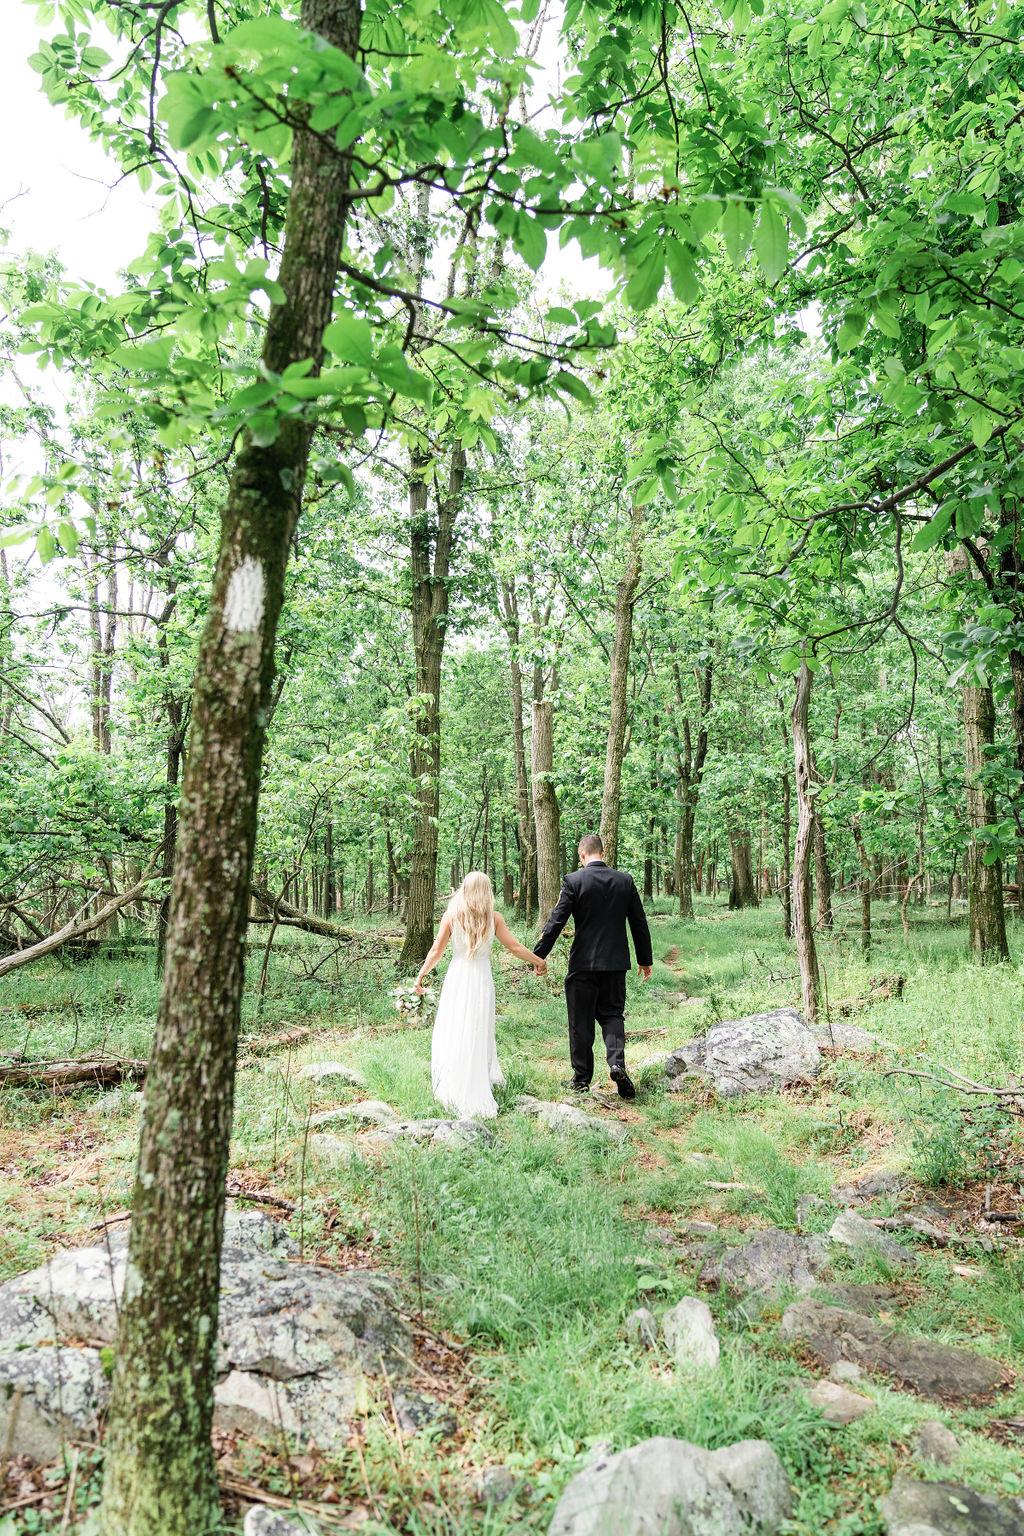 StefanieKamermanPhotography-AllieandBrian-ZionSpringsElopement-RoundHill,Virginia-136